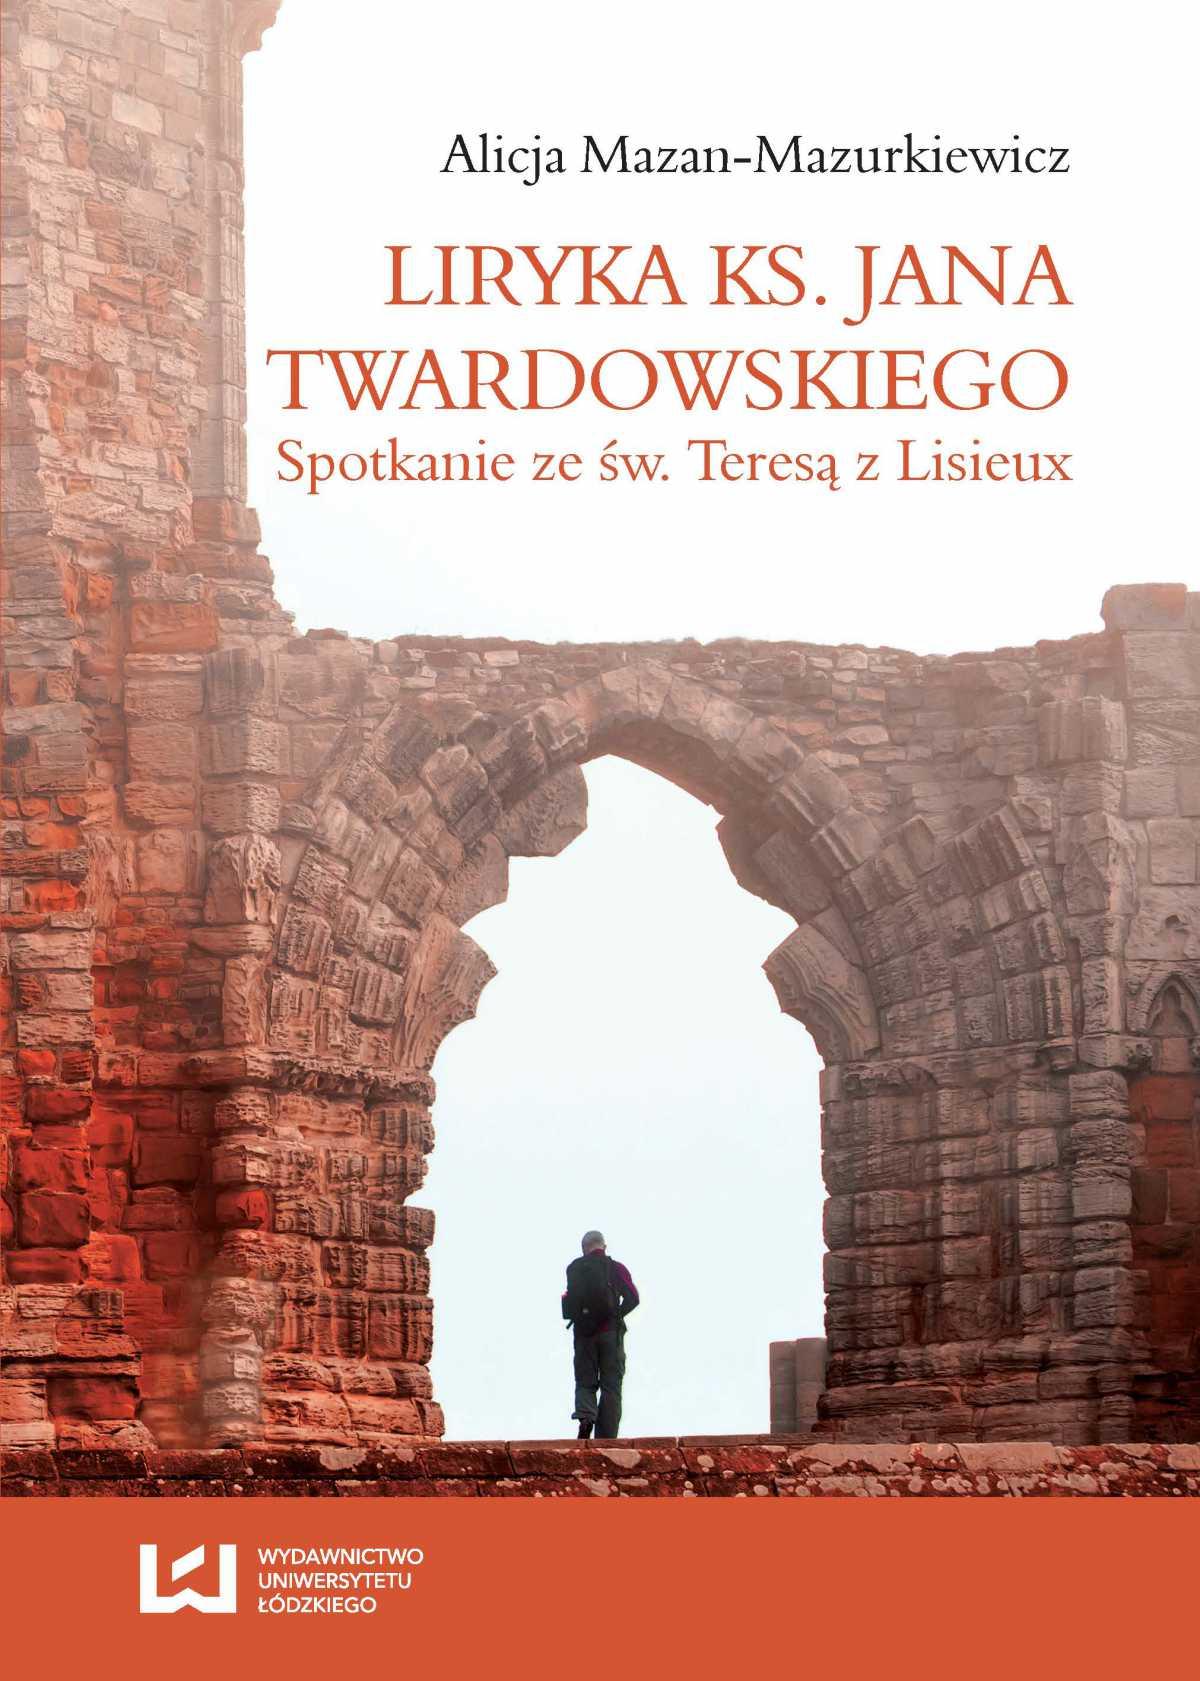 Liryka ks. Jana Twardowskiego. Spotkanie ze św. Teresą z Lisieux - Ebook (Książka PDF) do pobrania w formacie PDF